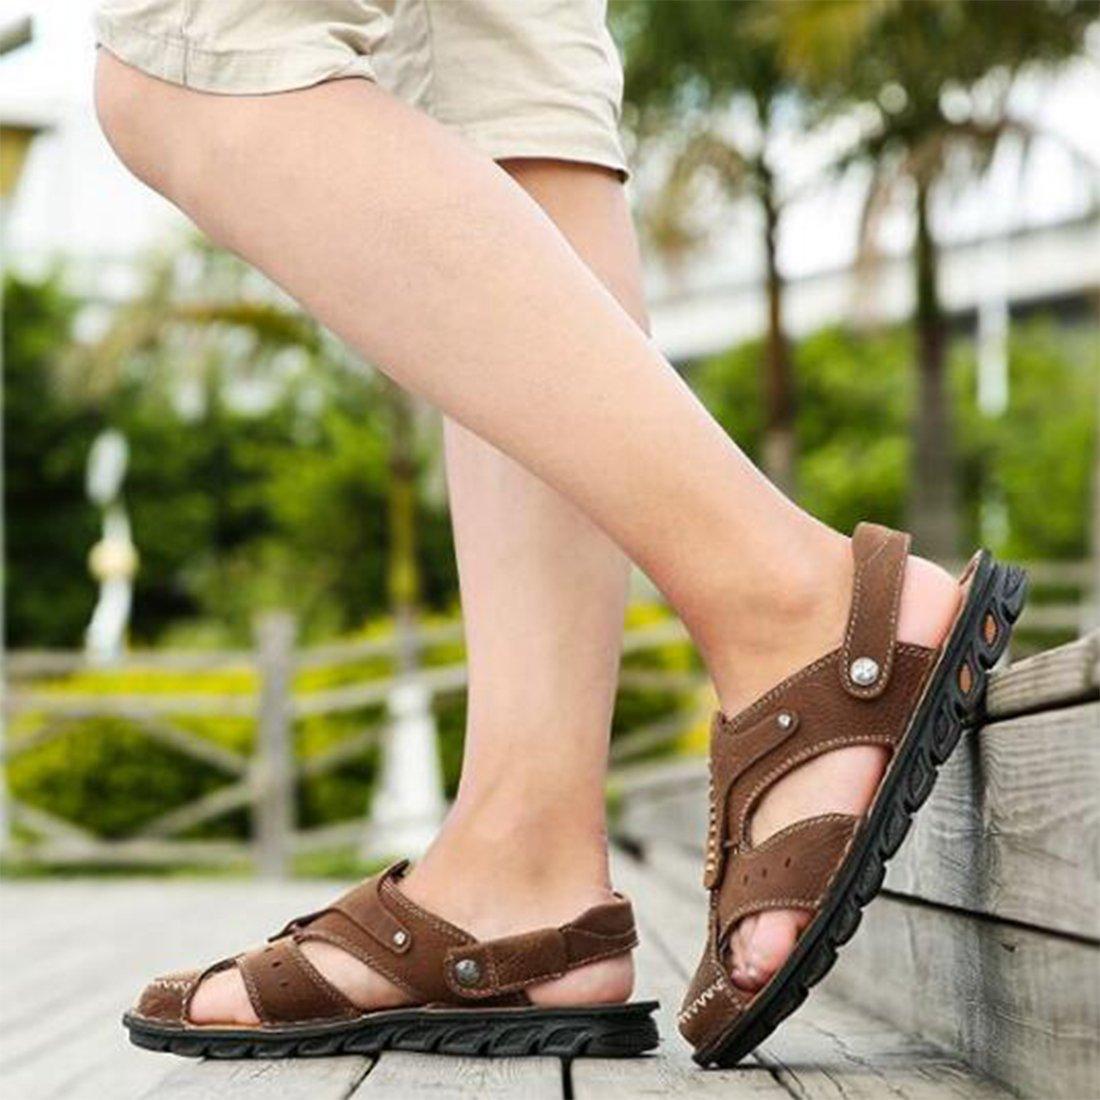 ZHONGST Herren Sommer Leder Sandalen Im Sandalen Freien Strand Schuhe Casual Sandalen Im LightBraun 44c3be